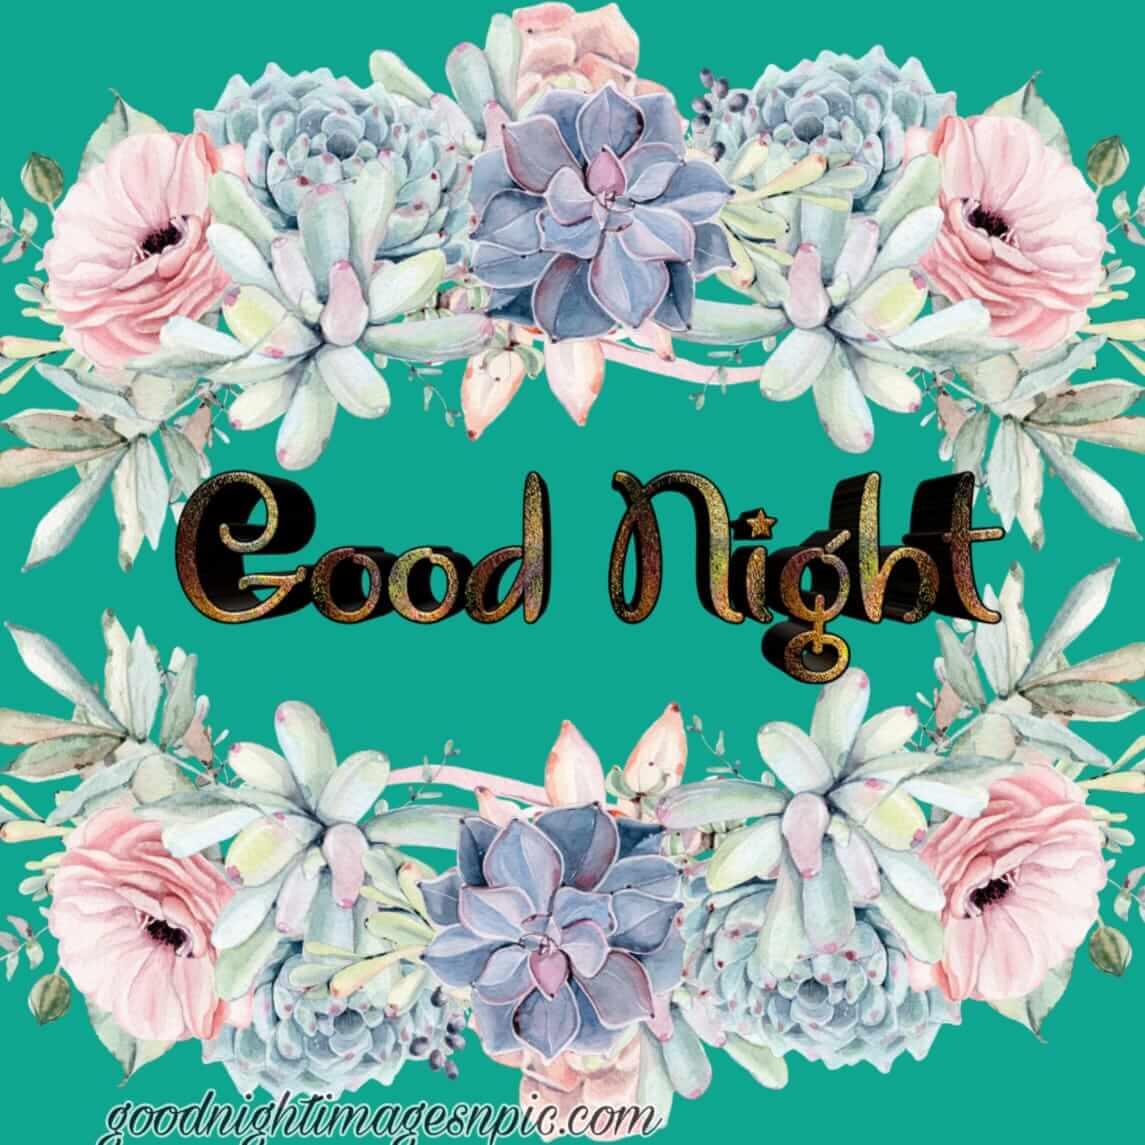 Good Night Wallpaper Free Download Free Download Good Night 3220339 Hd Wallpaper Backgrounds Download